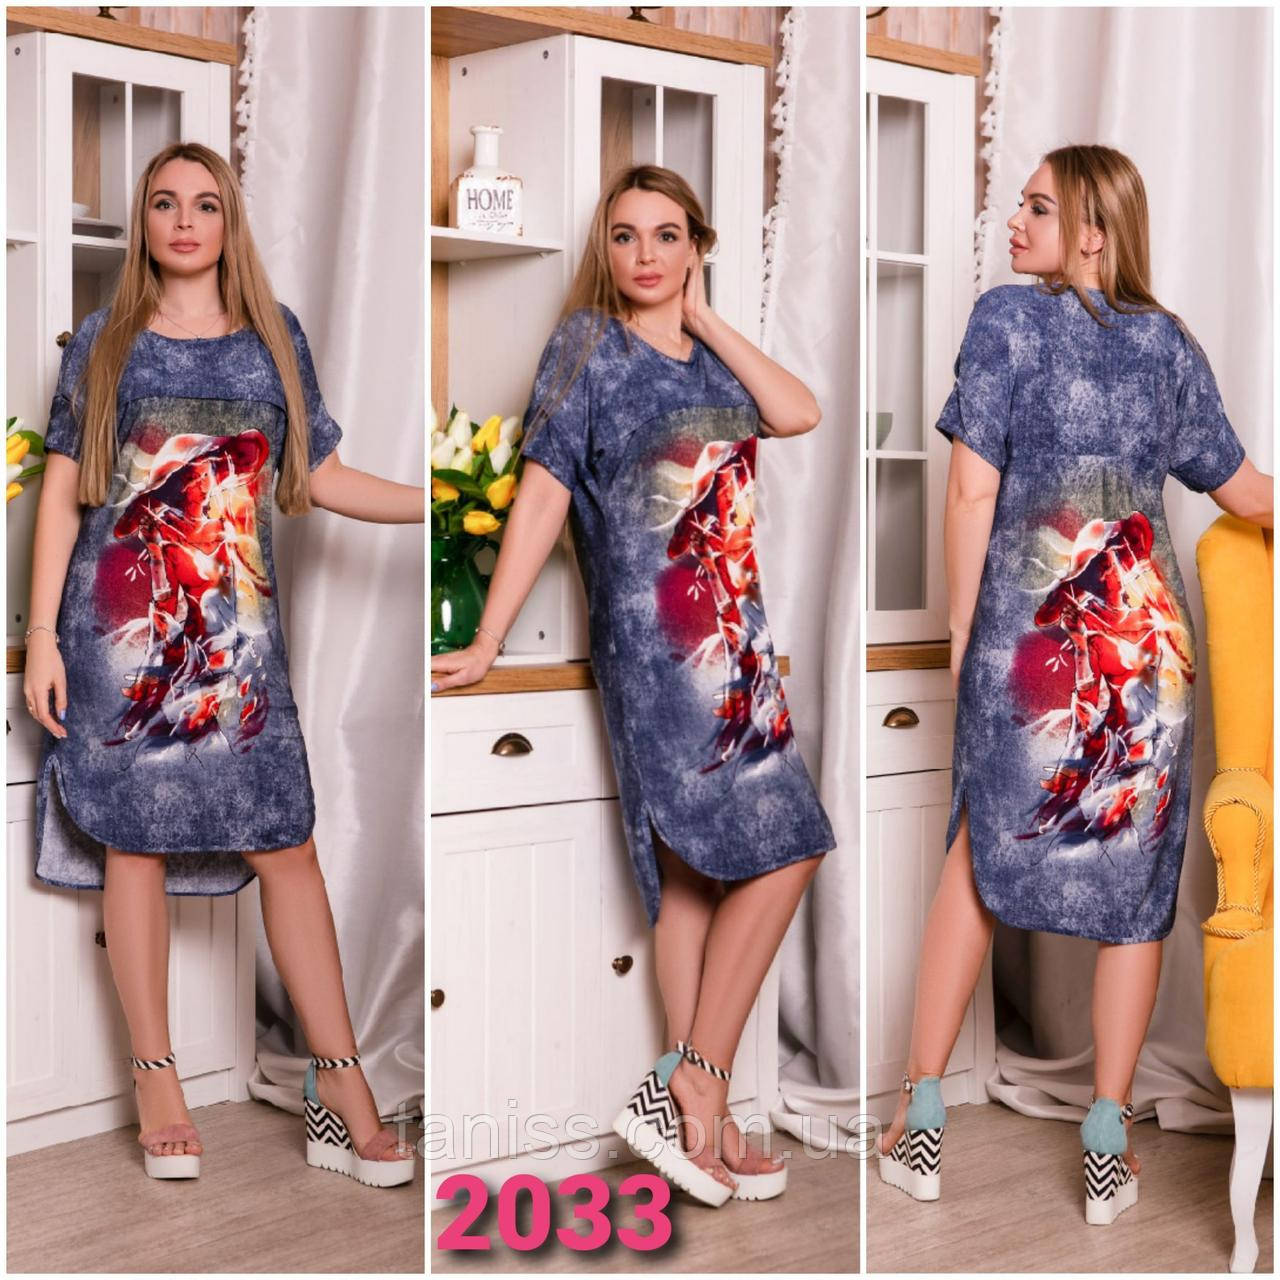 Женское летнее платье большого размера, ткань трикотаж вискоза, р. 46,48,50,52,54,56  (2033) сукня